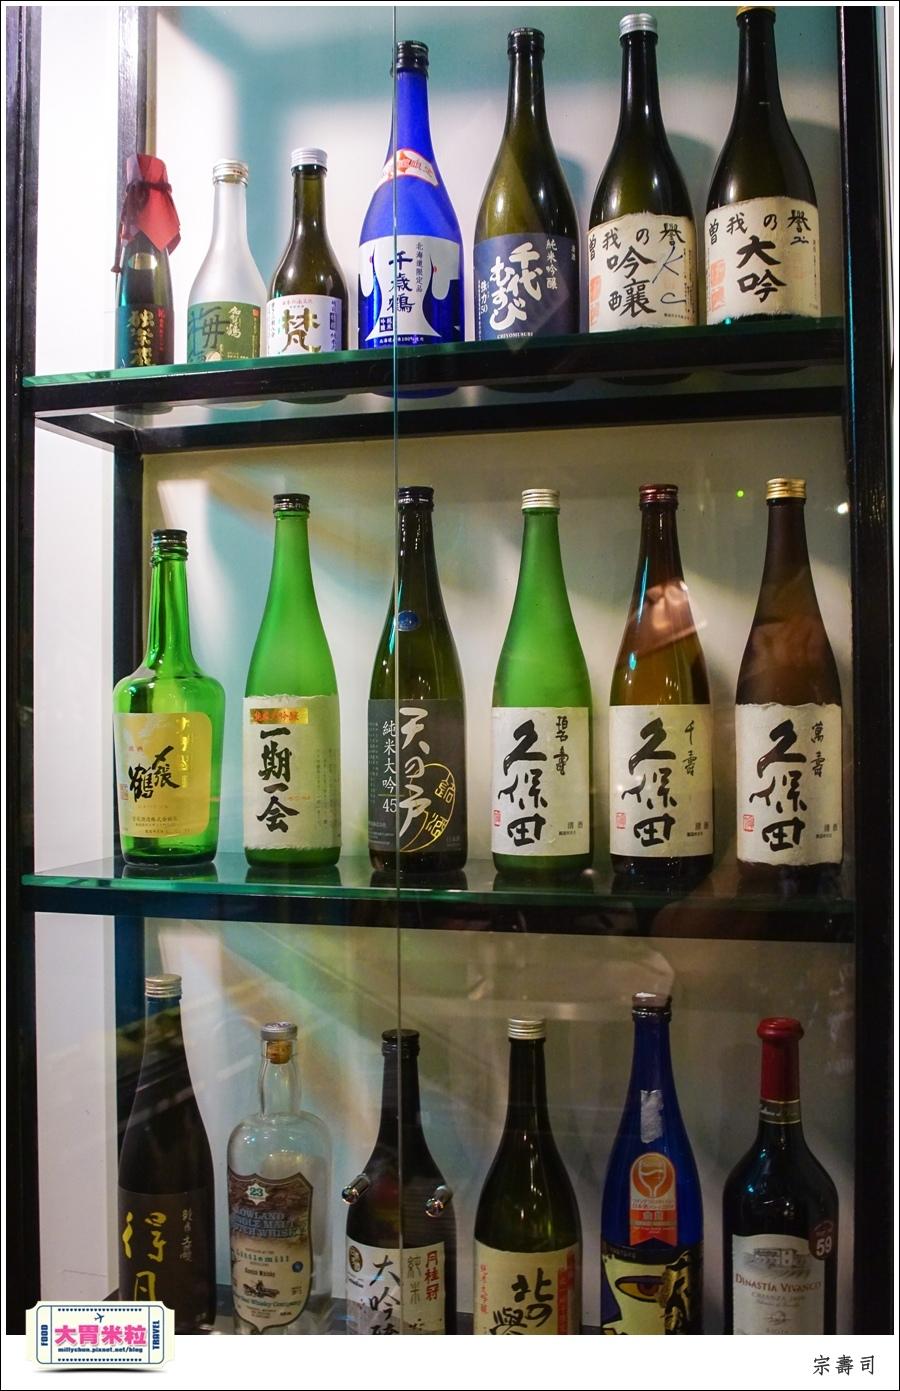 台北無菜單日式料理推薦-宗壽司-延吉街美食@大胃米粒0011.jpg